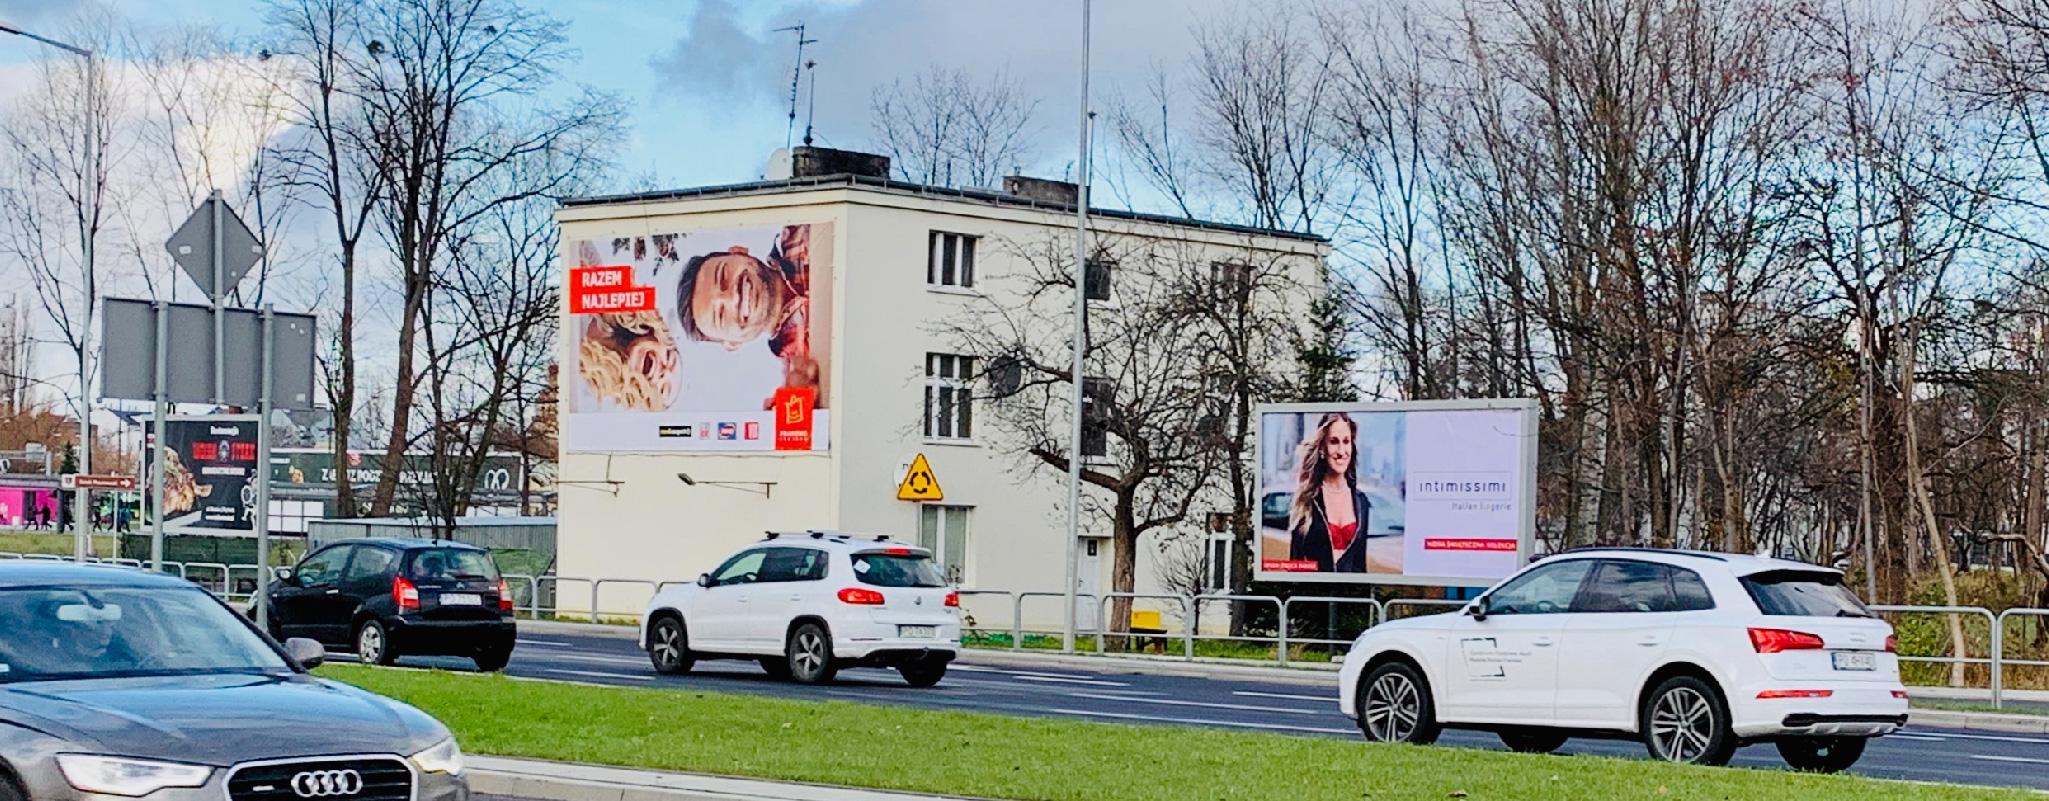 Duża powierzchnia reklamowa Poznań Krzywoustego Centrum Franowo